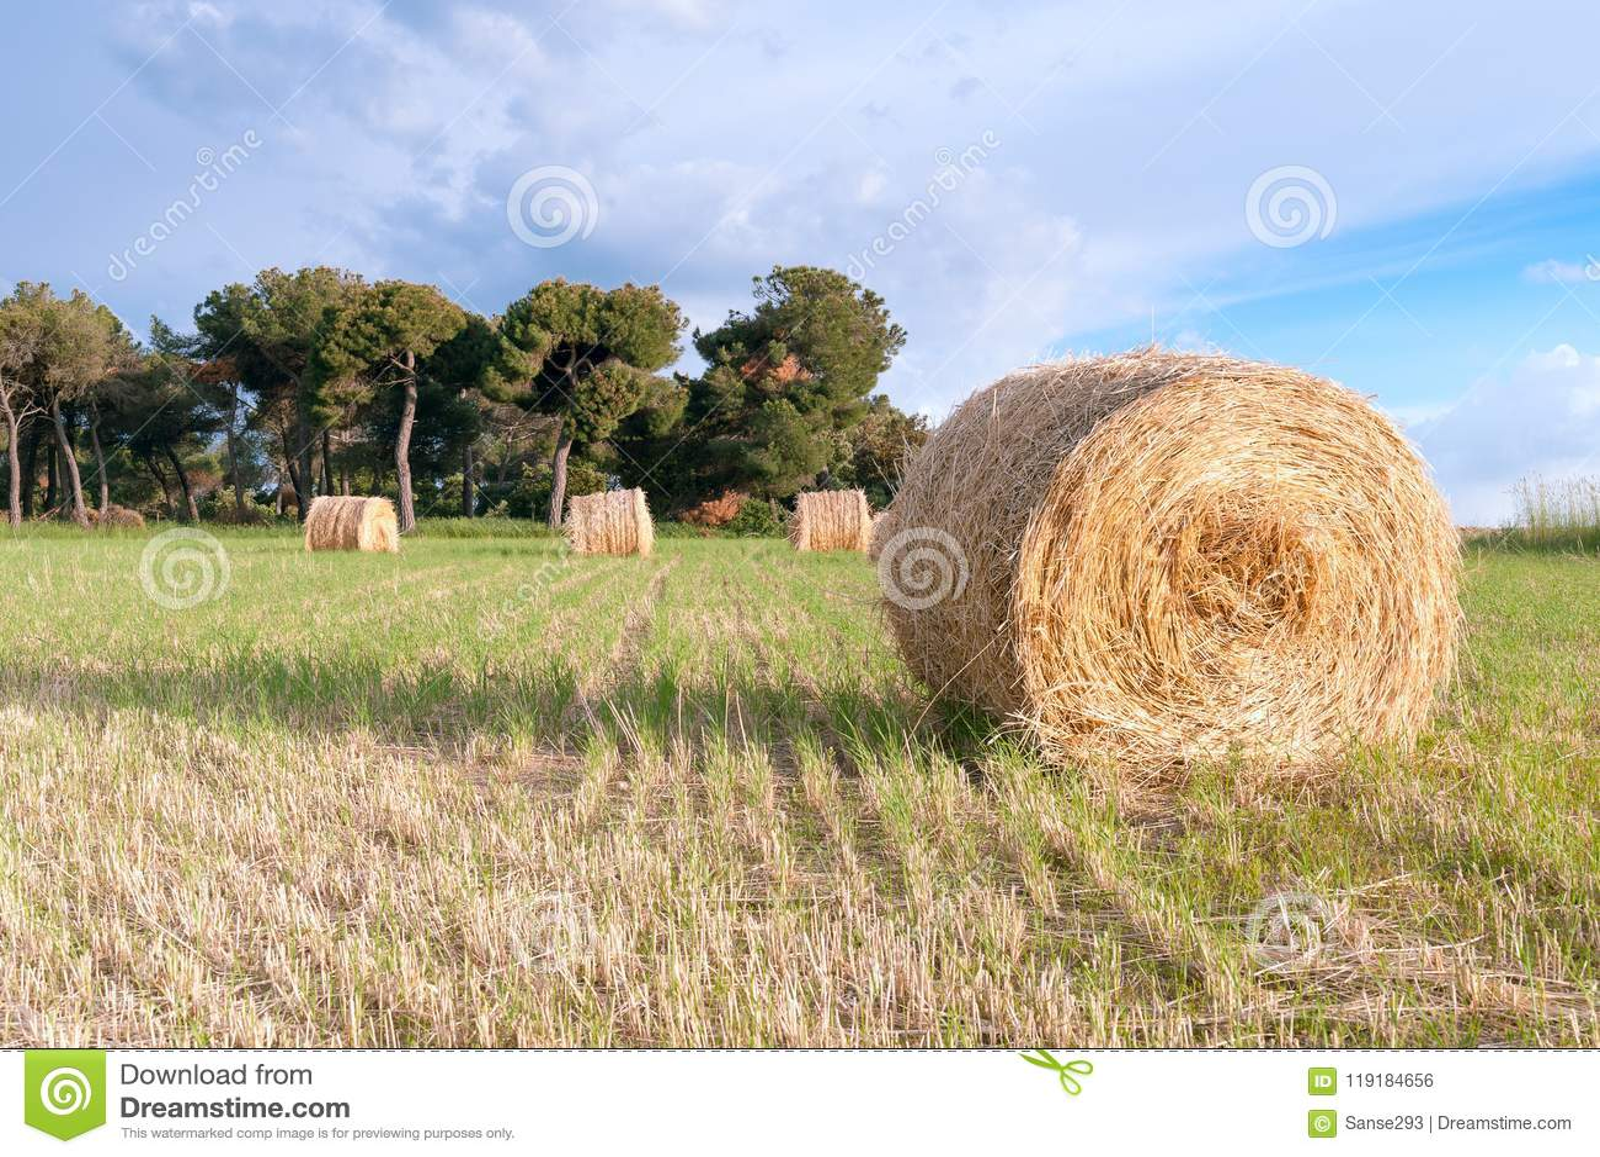 Spirale di fieno in priorità alta con fondo rustico del campo